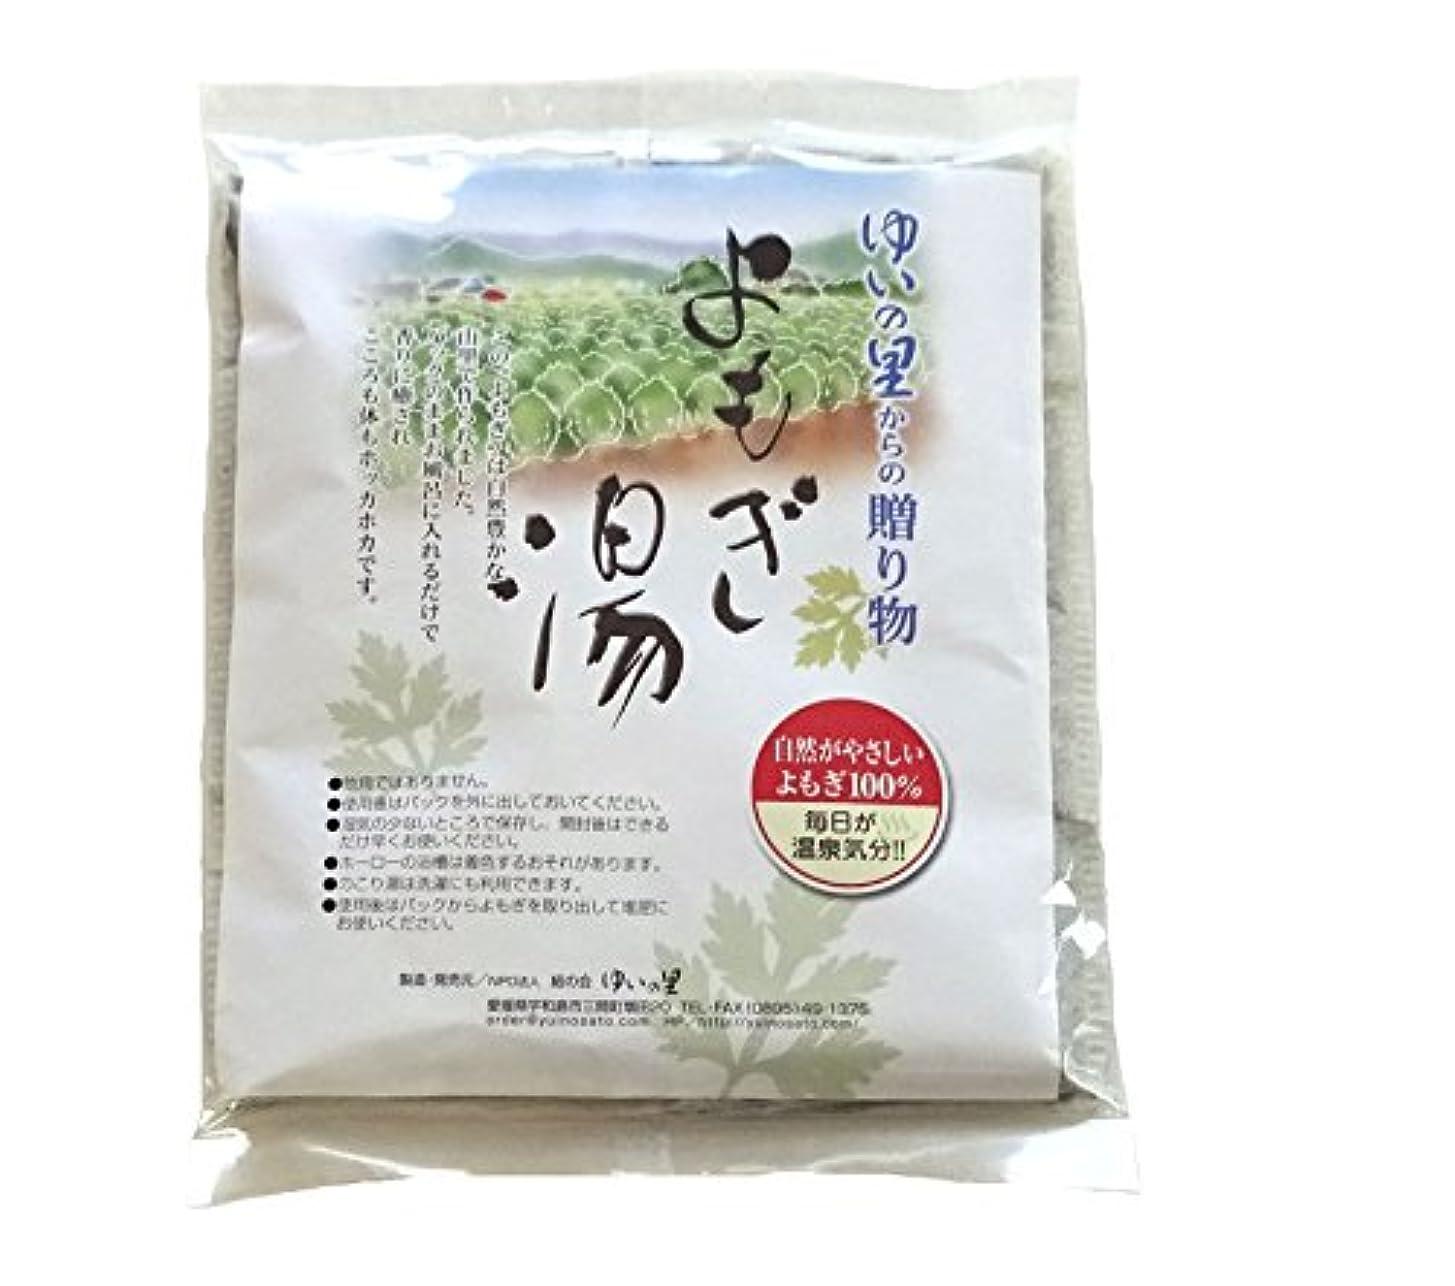 出費学期公園よもぎ湯入浴パック (10パック入) 愛媛県産 自家栽培よもぎ100%使用